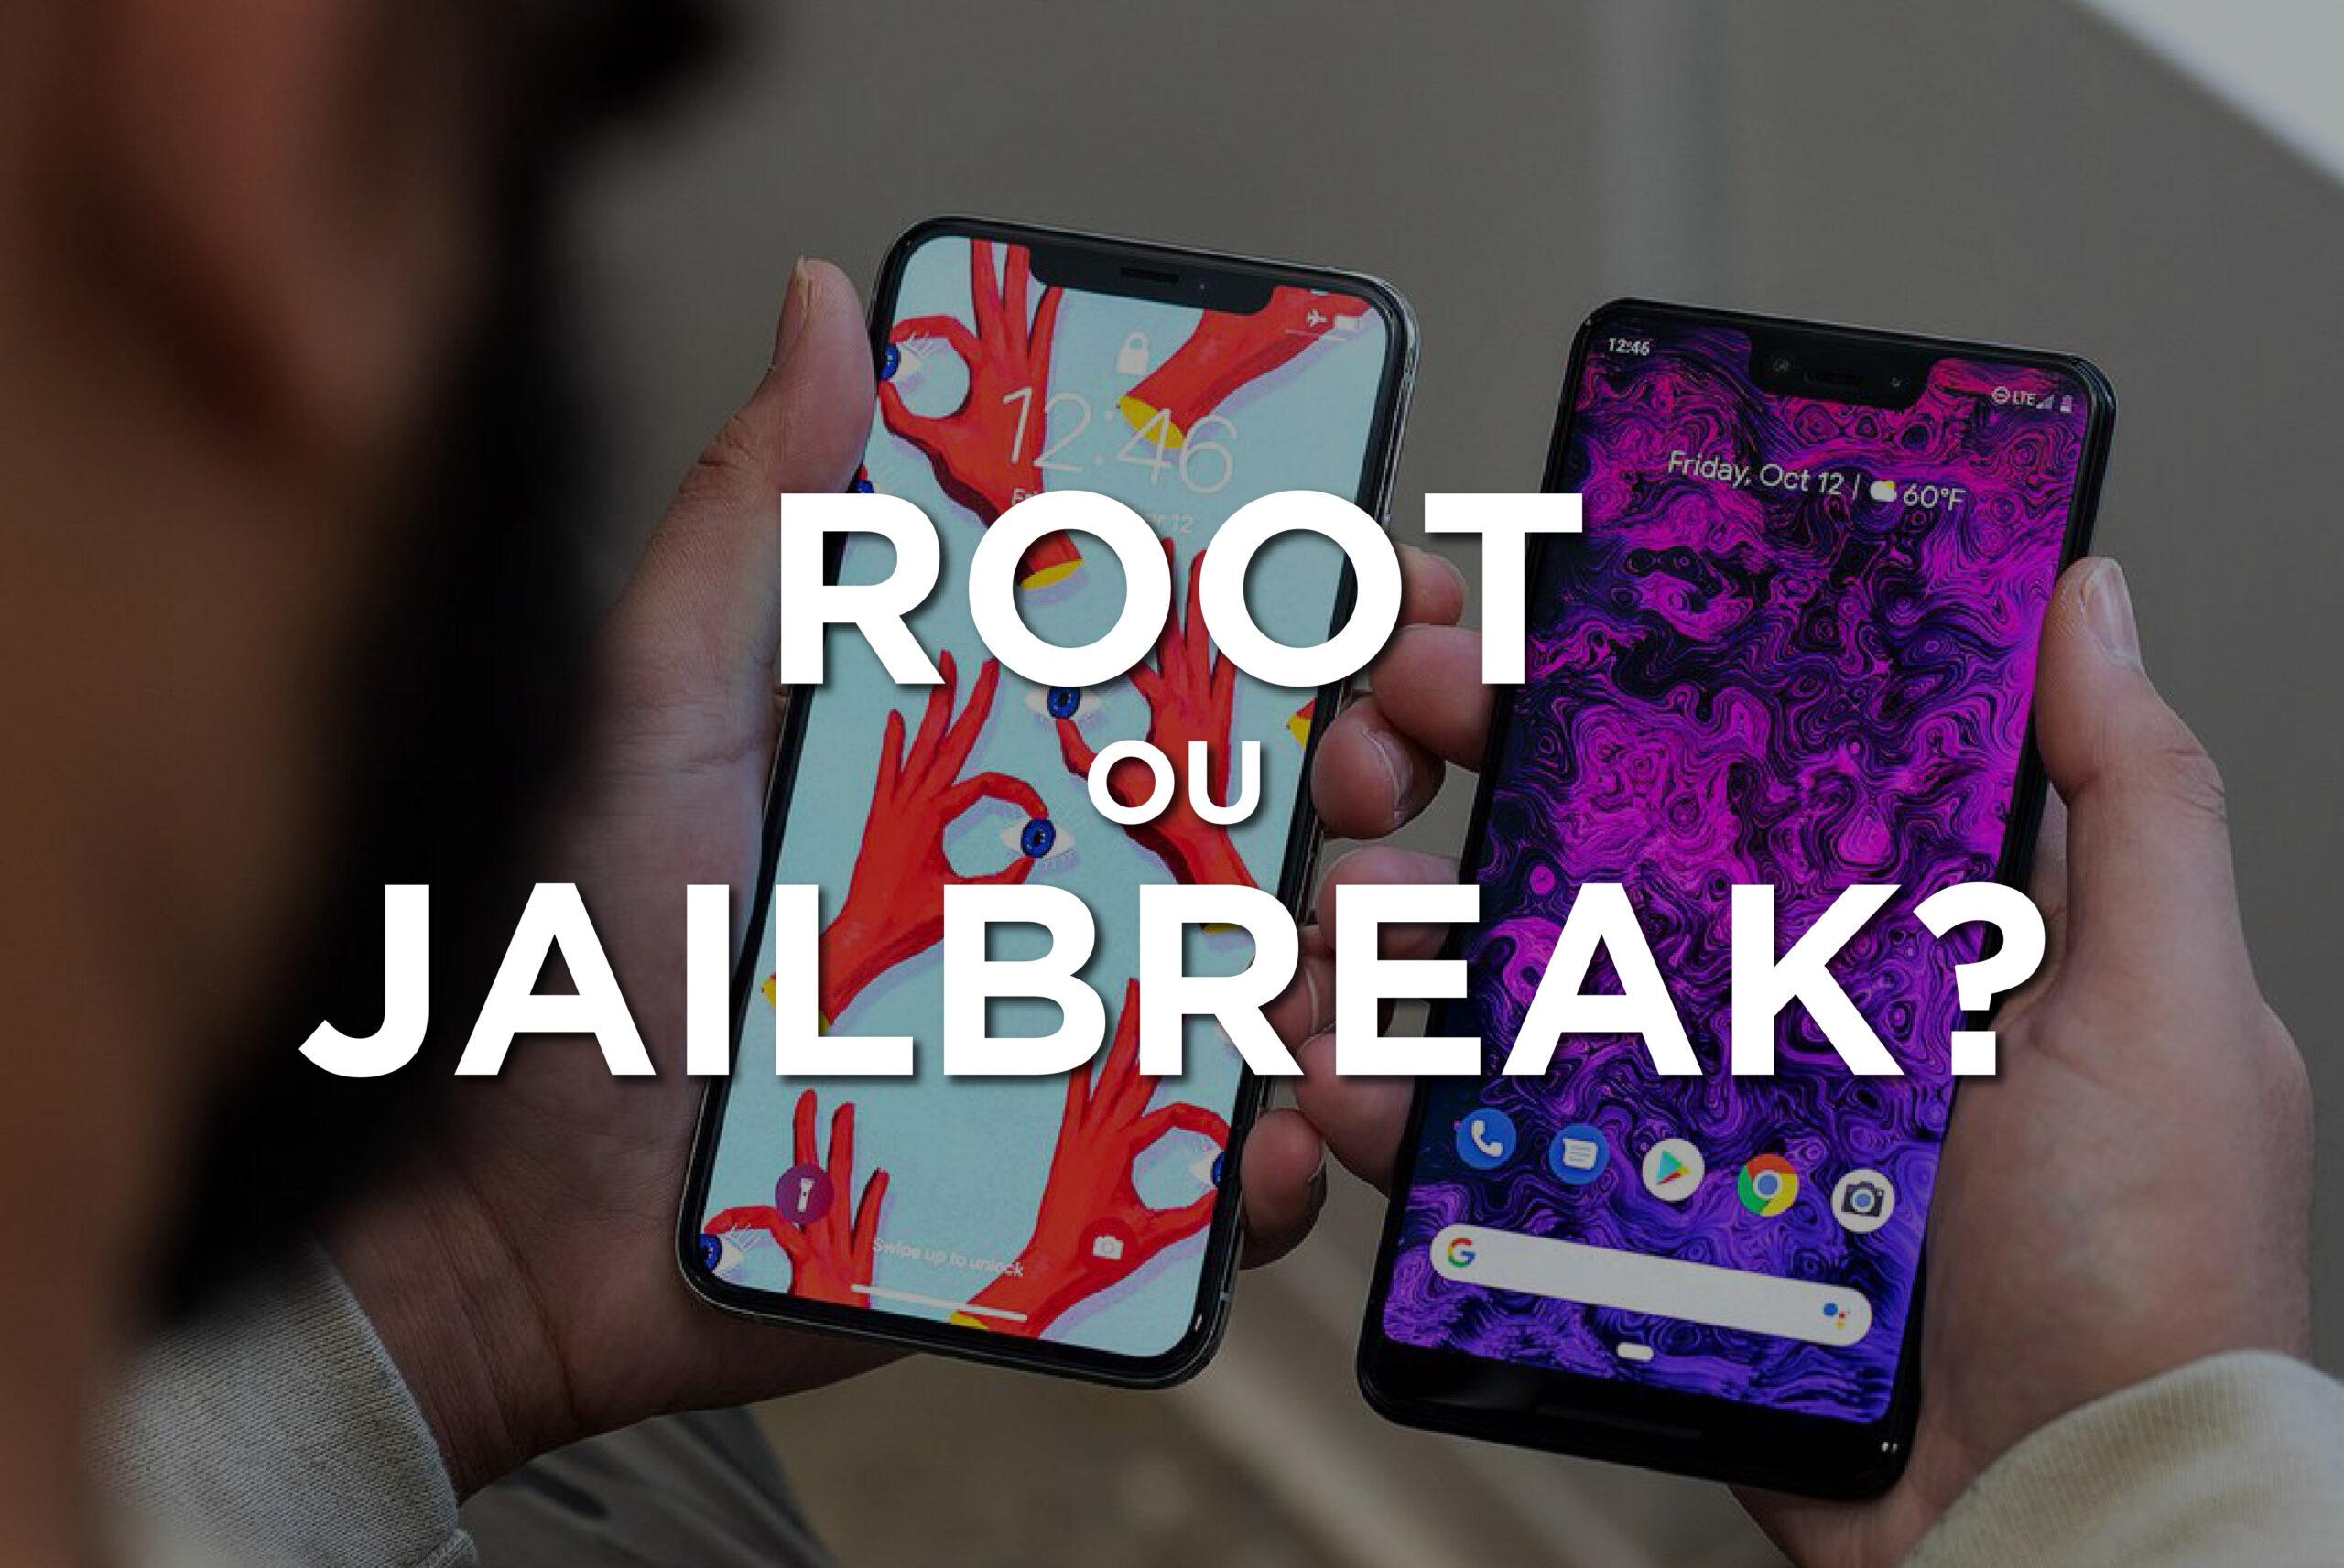 Root e Jailbreak: É legal e quais as diferenças?